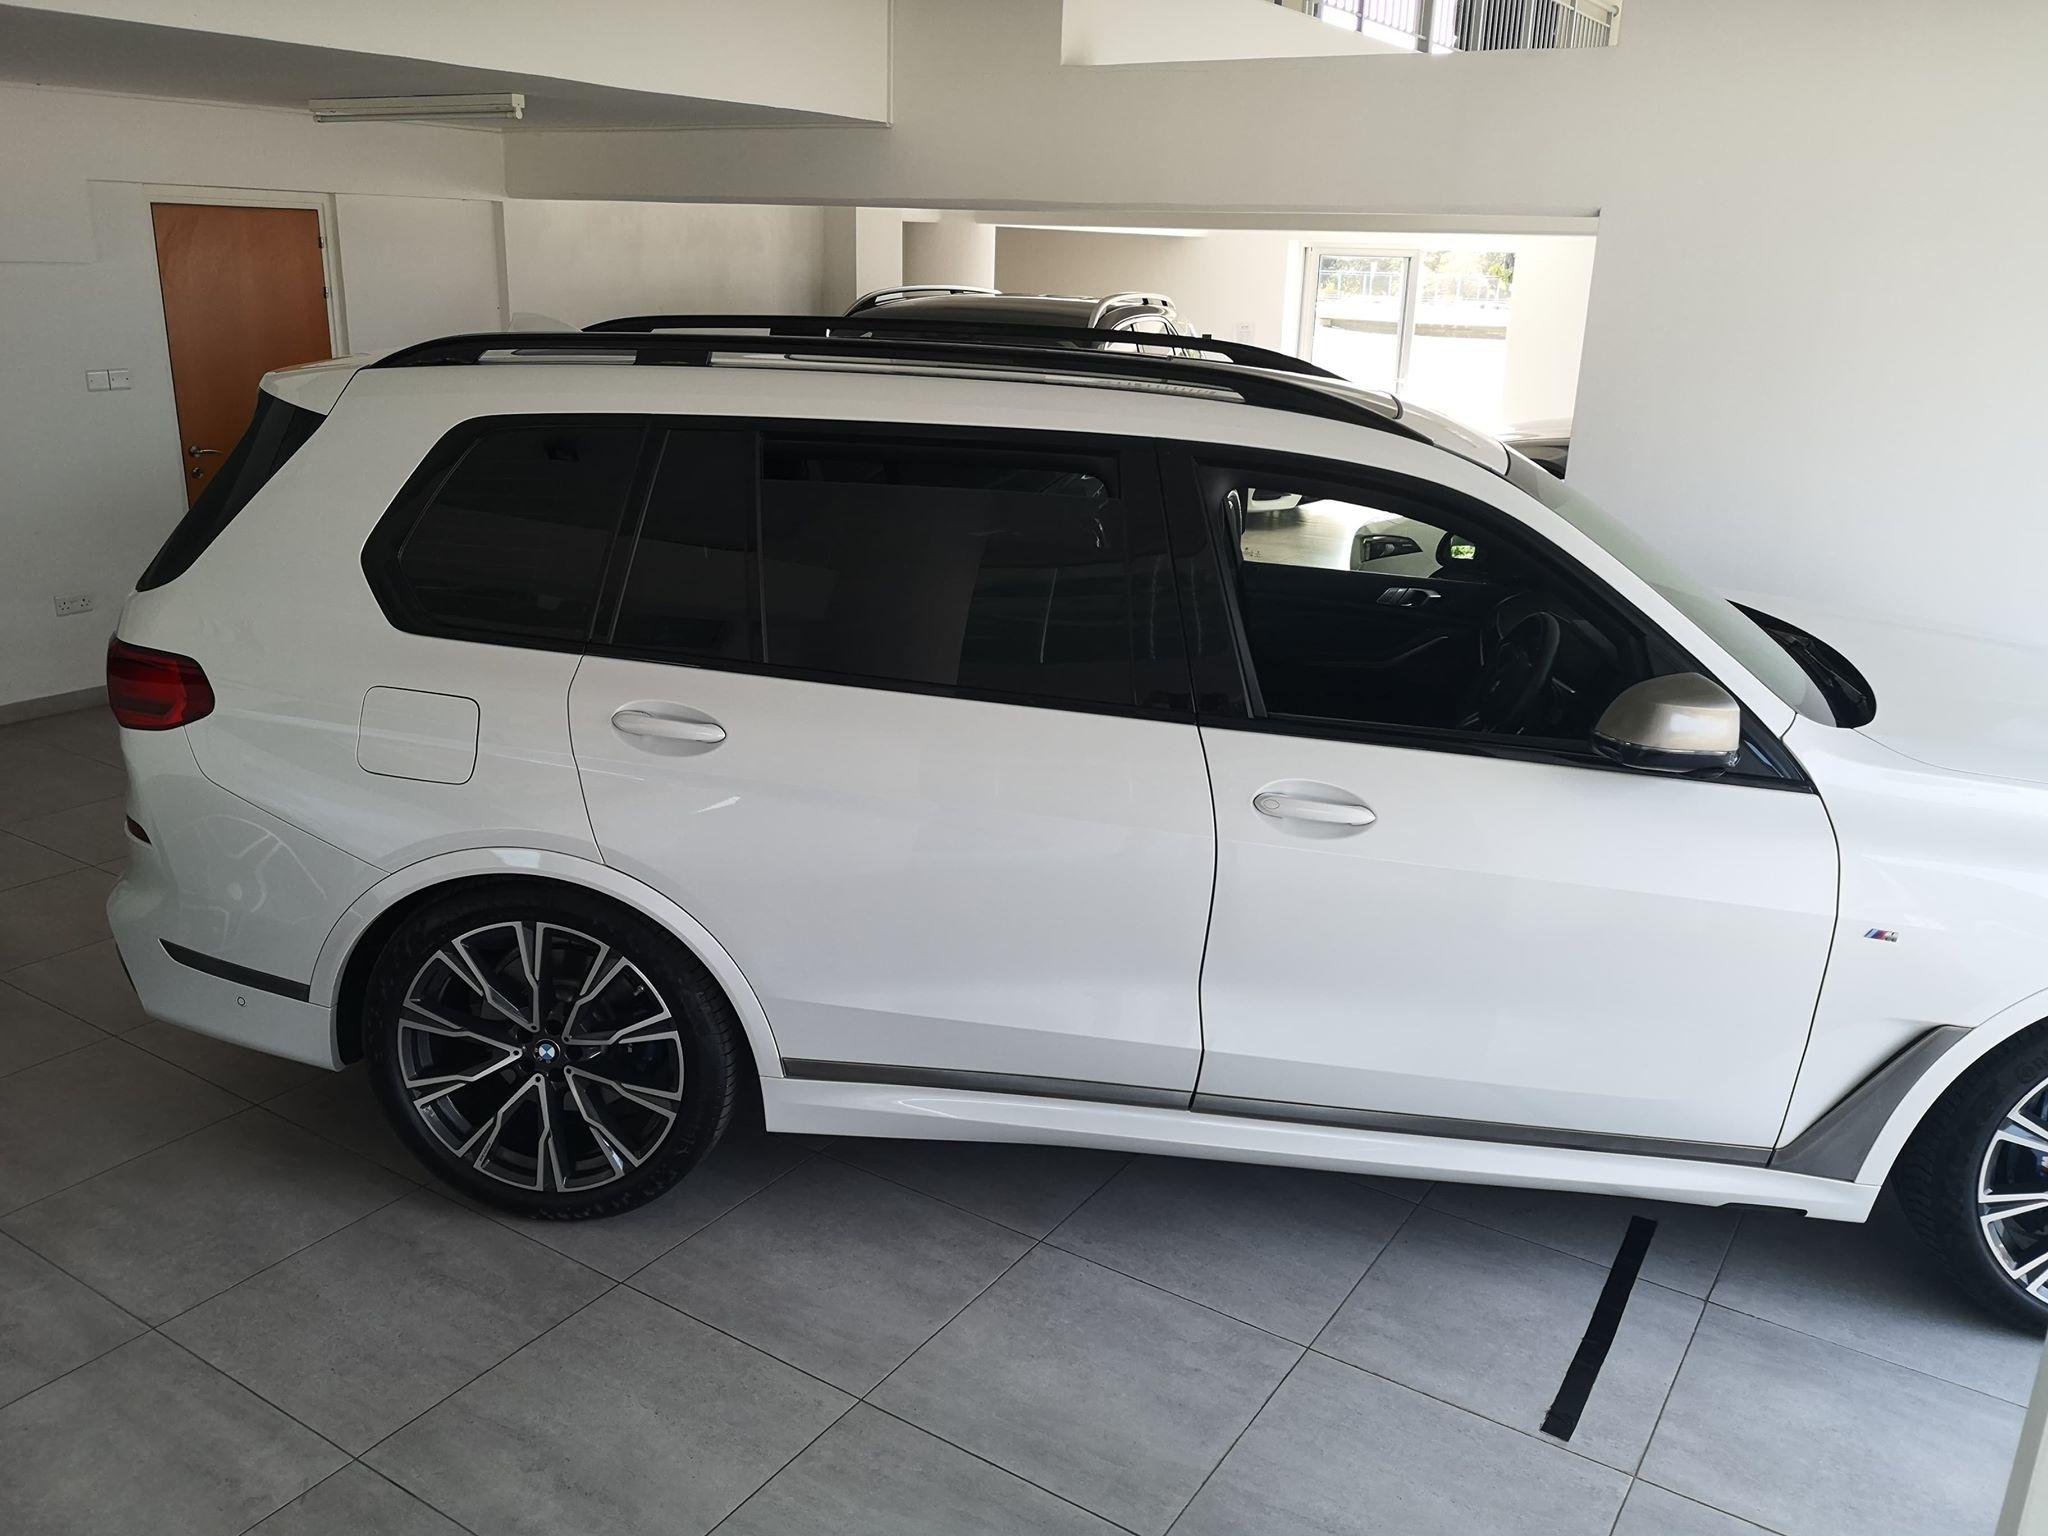 BMW X7 M 50 D – 7 Seats